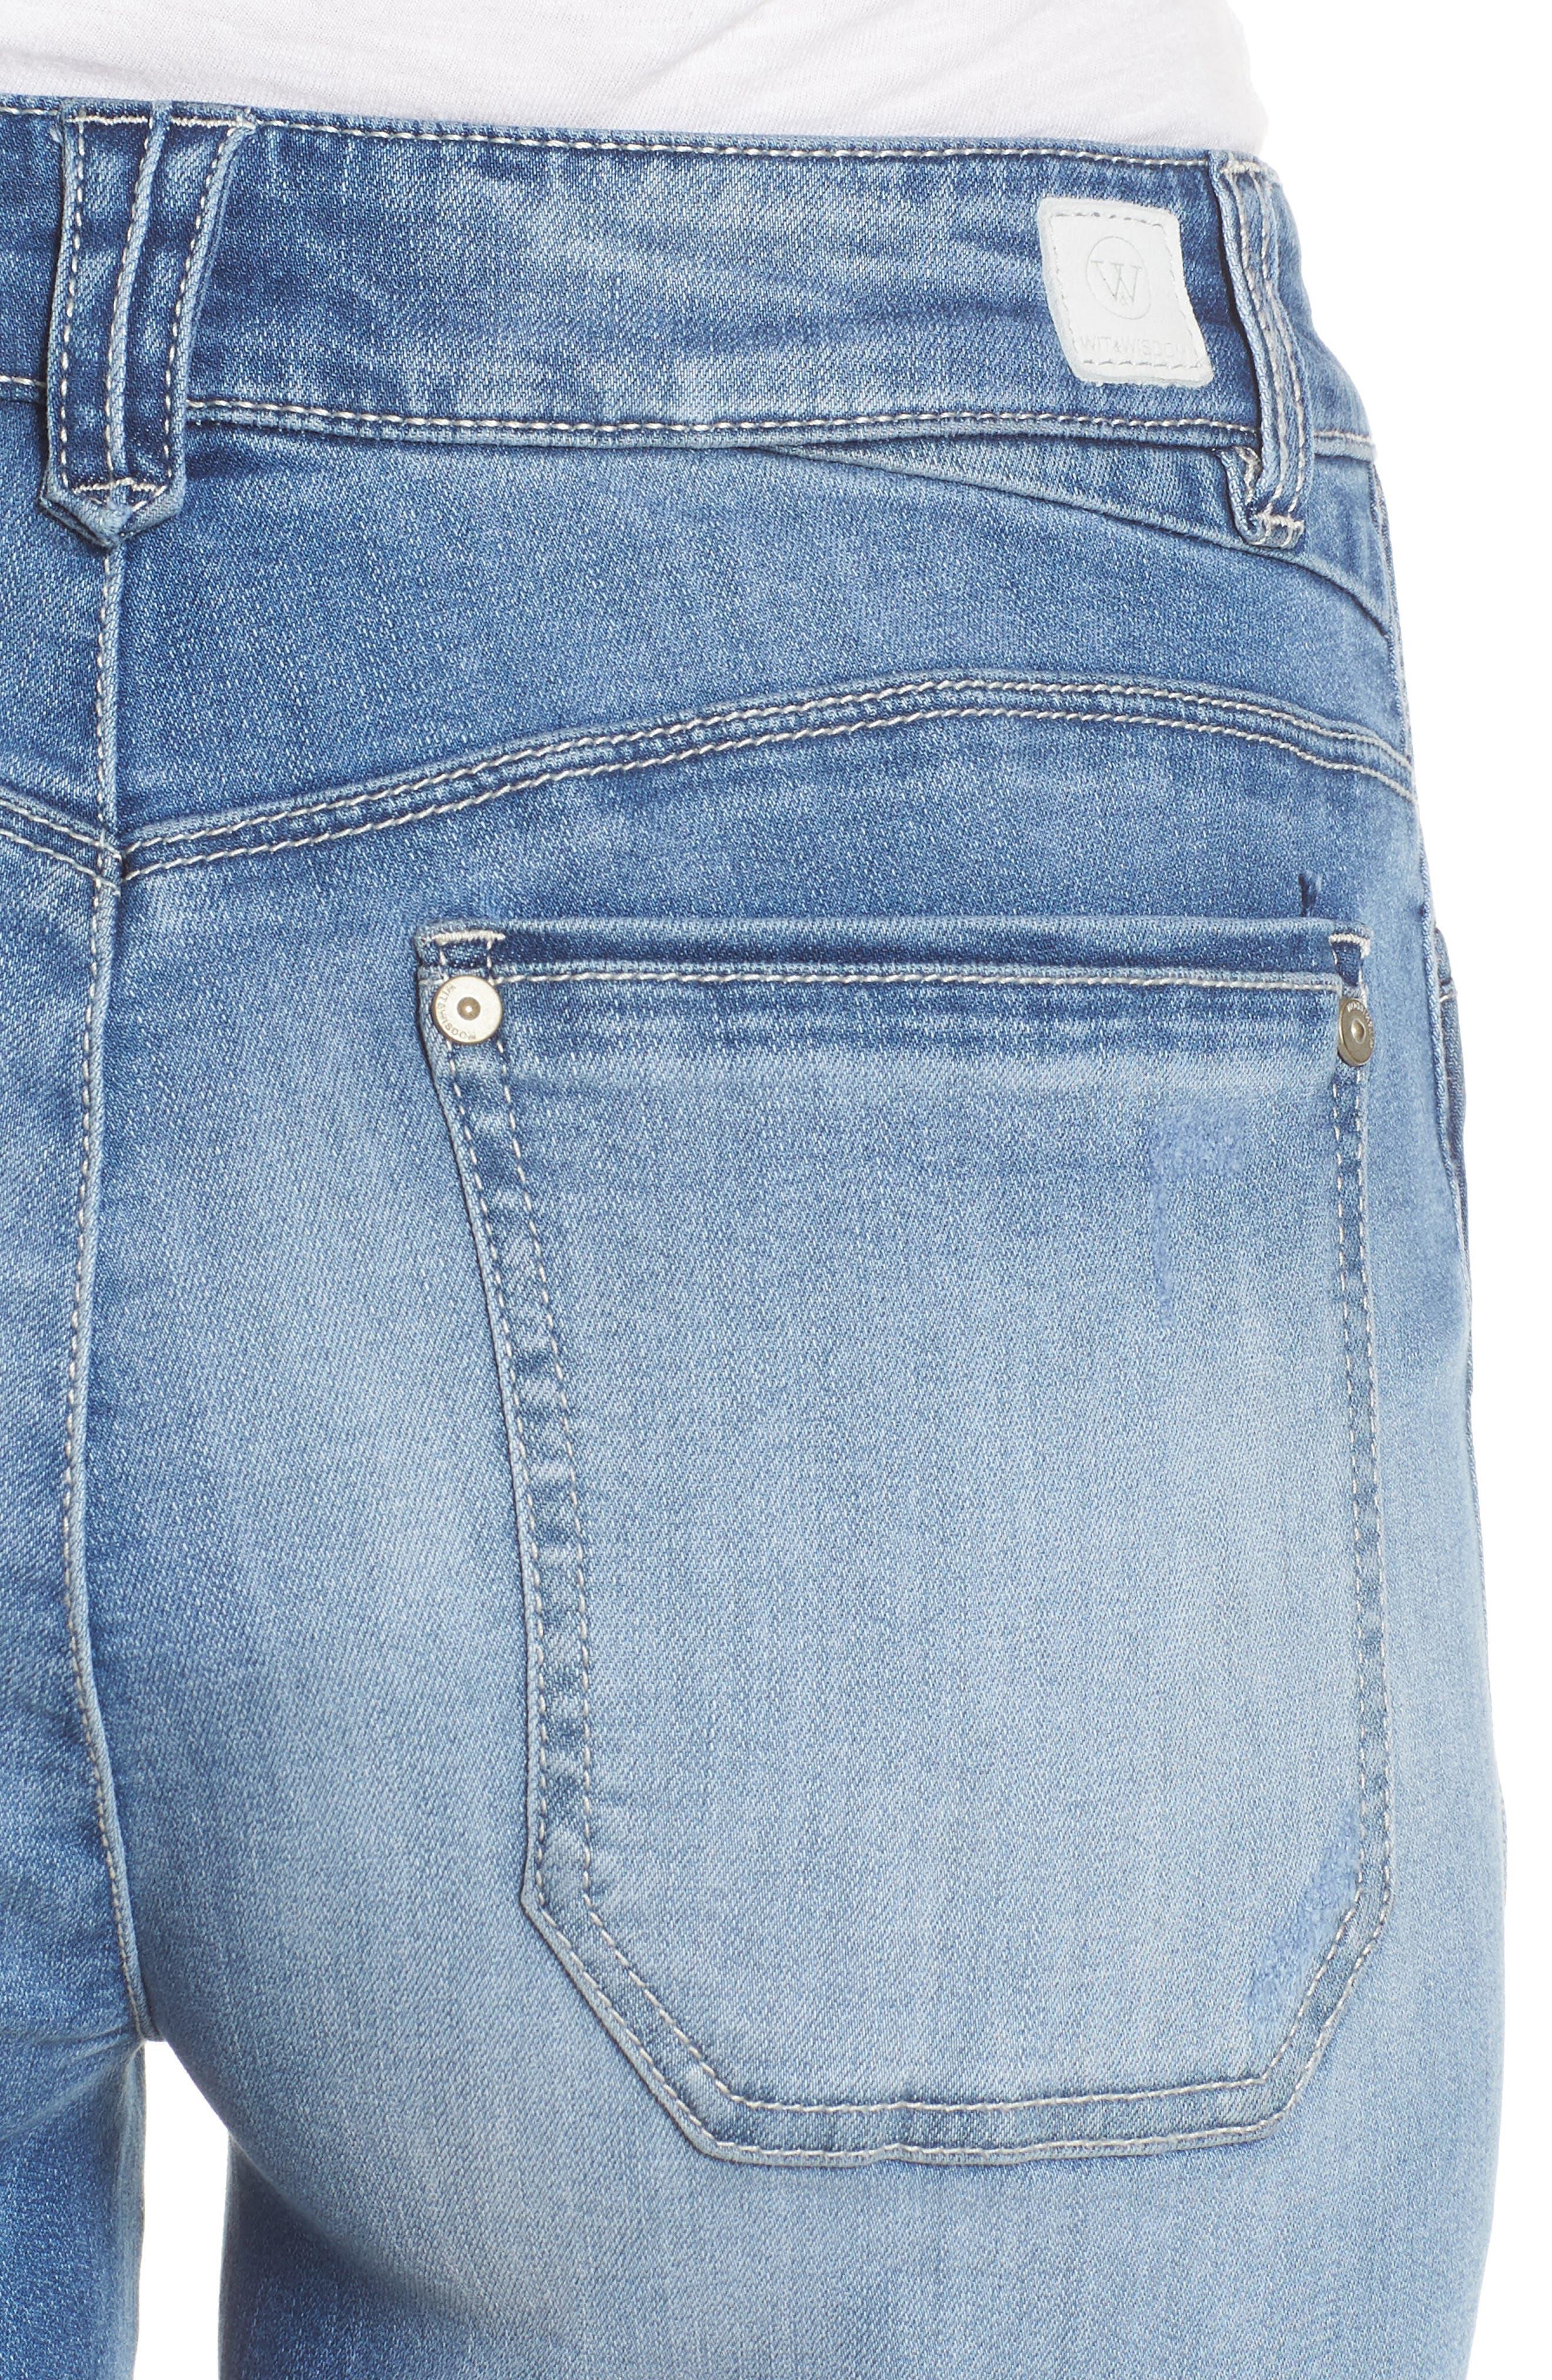 Flex-Ellent High Rise Denim Shorts,                             Alternate thumbnail 4, color,                             Light Blue